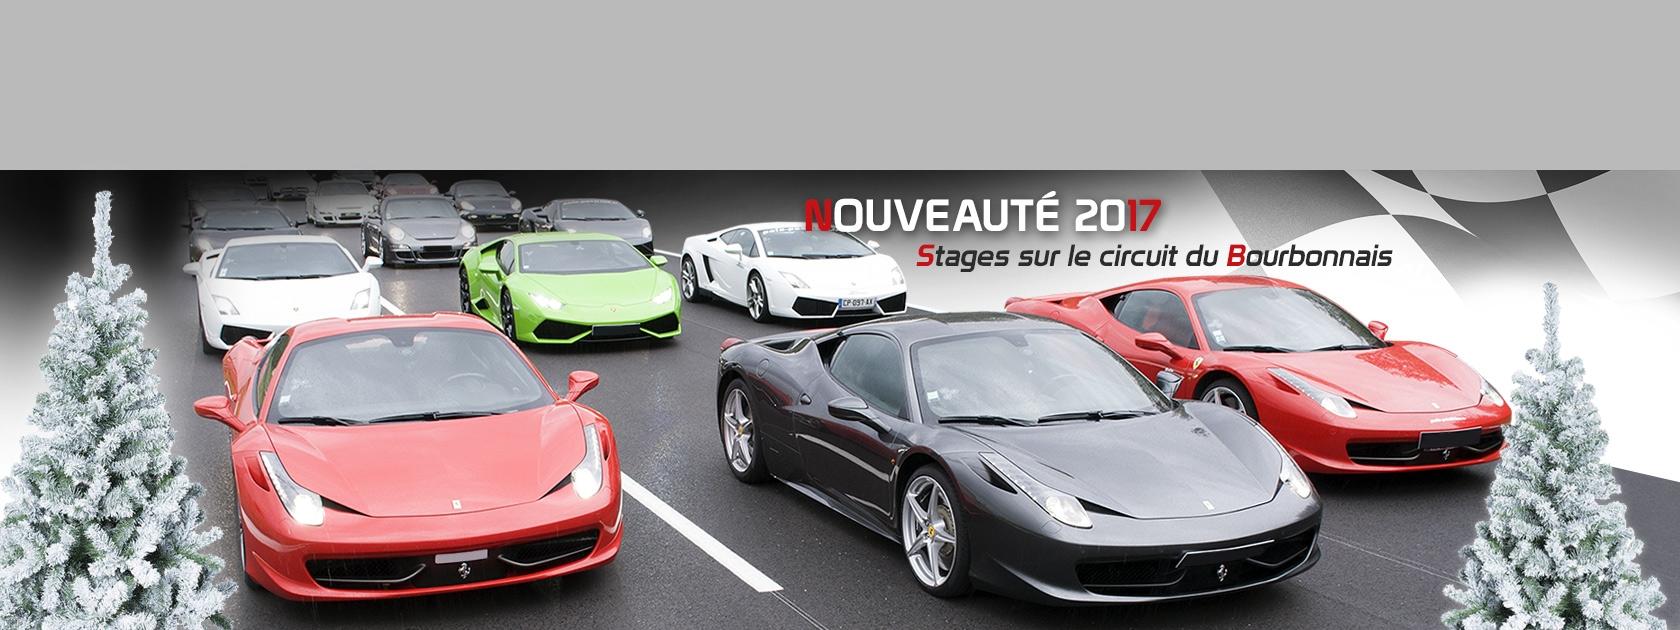 Nouveauté 2017 : Stages sur le circuit du Bourbonnais